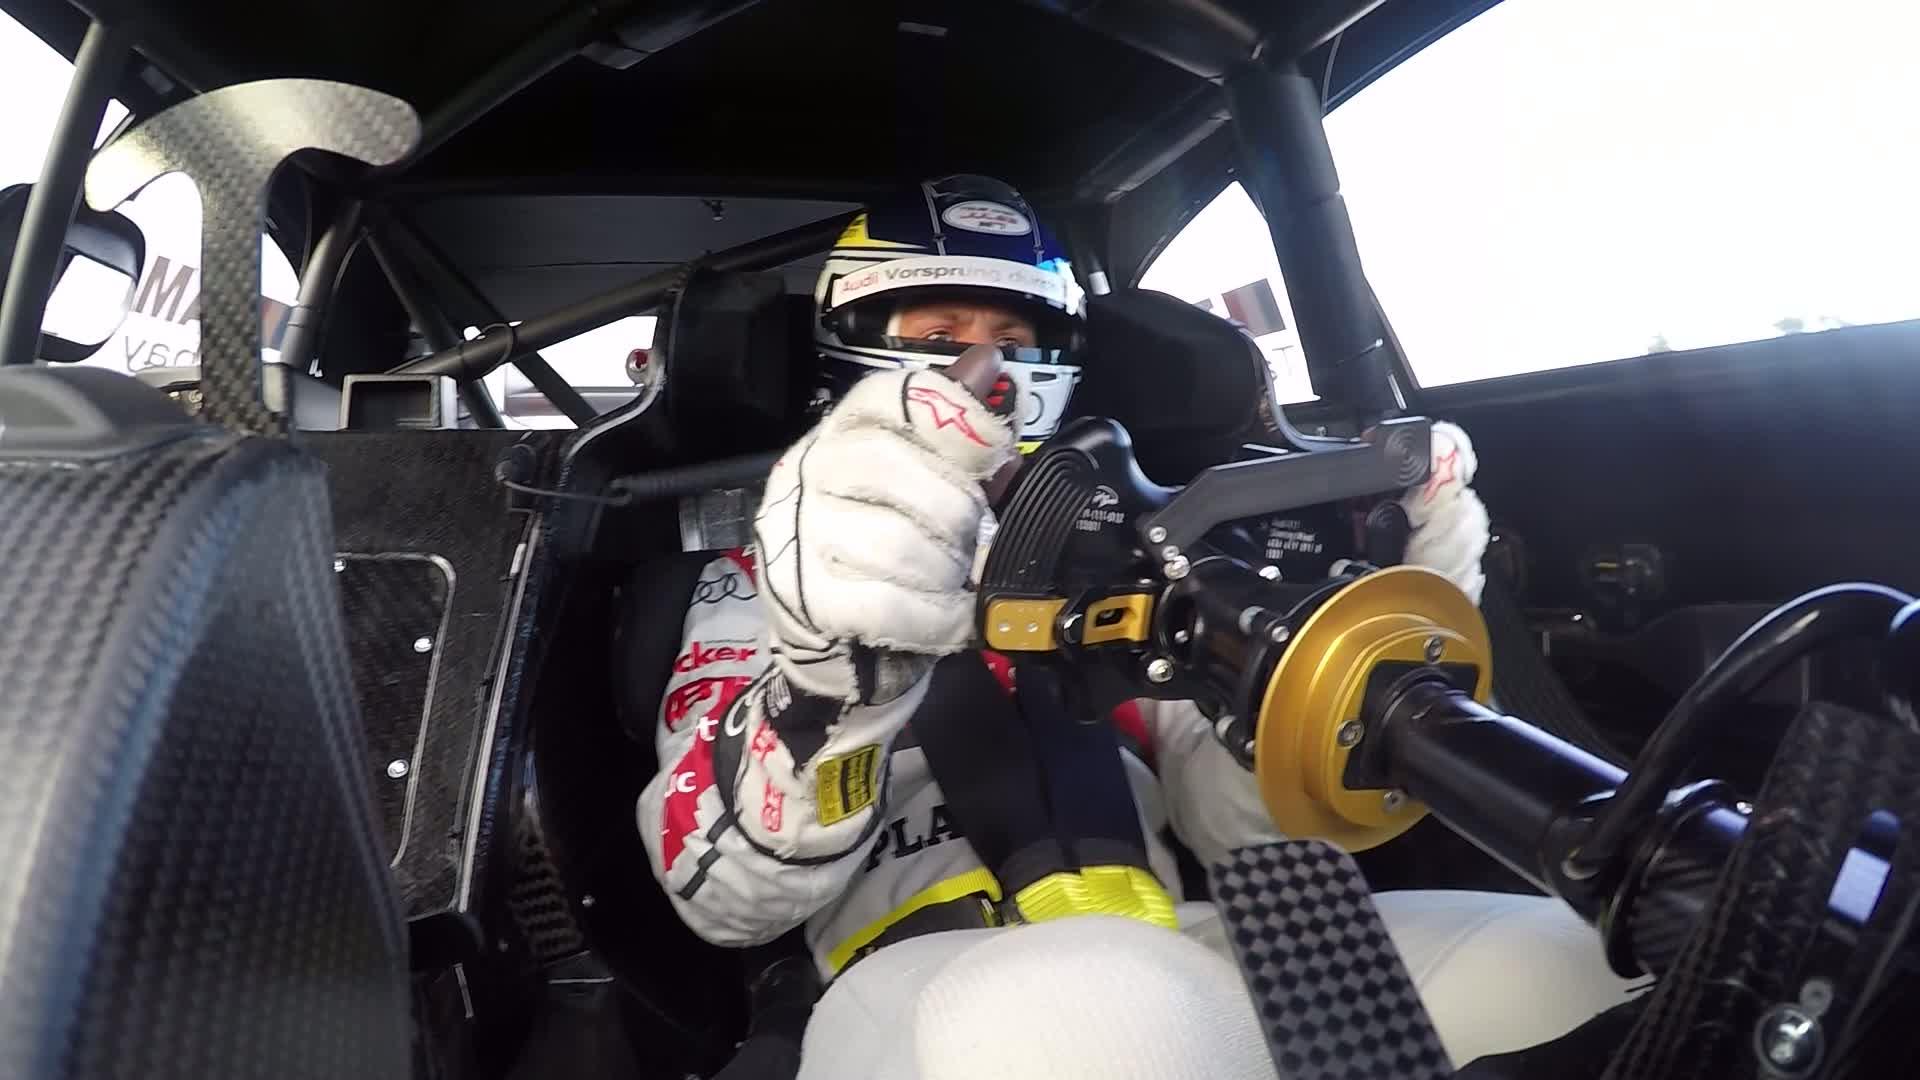 60 Seconds of Audi Sport 02/2015 - DTM testing at Estoril